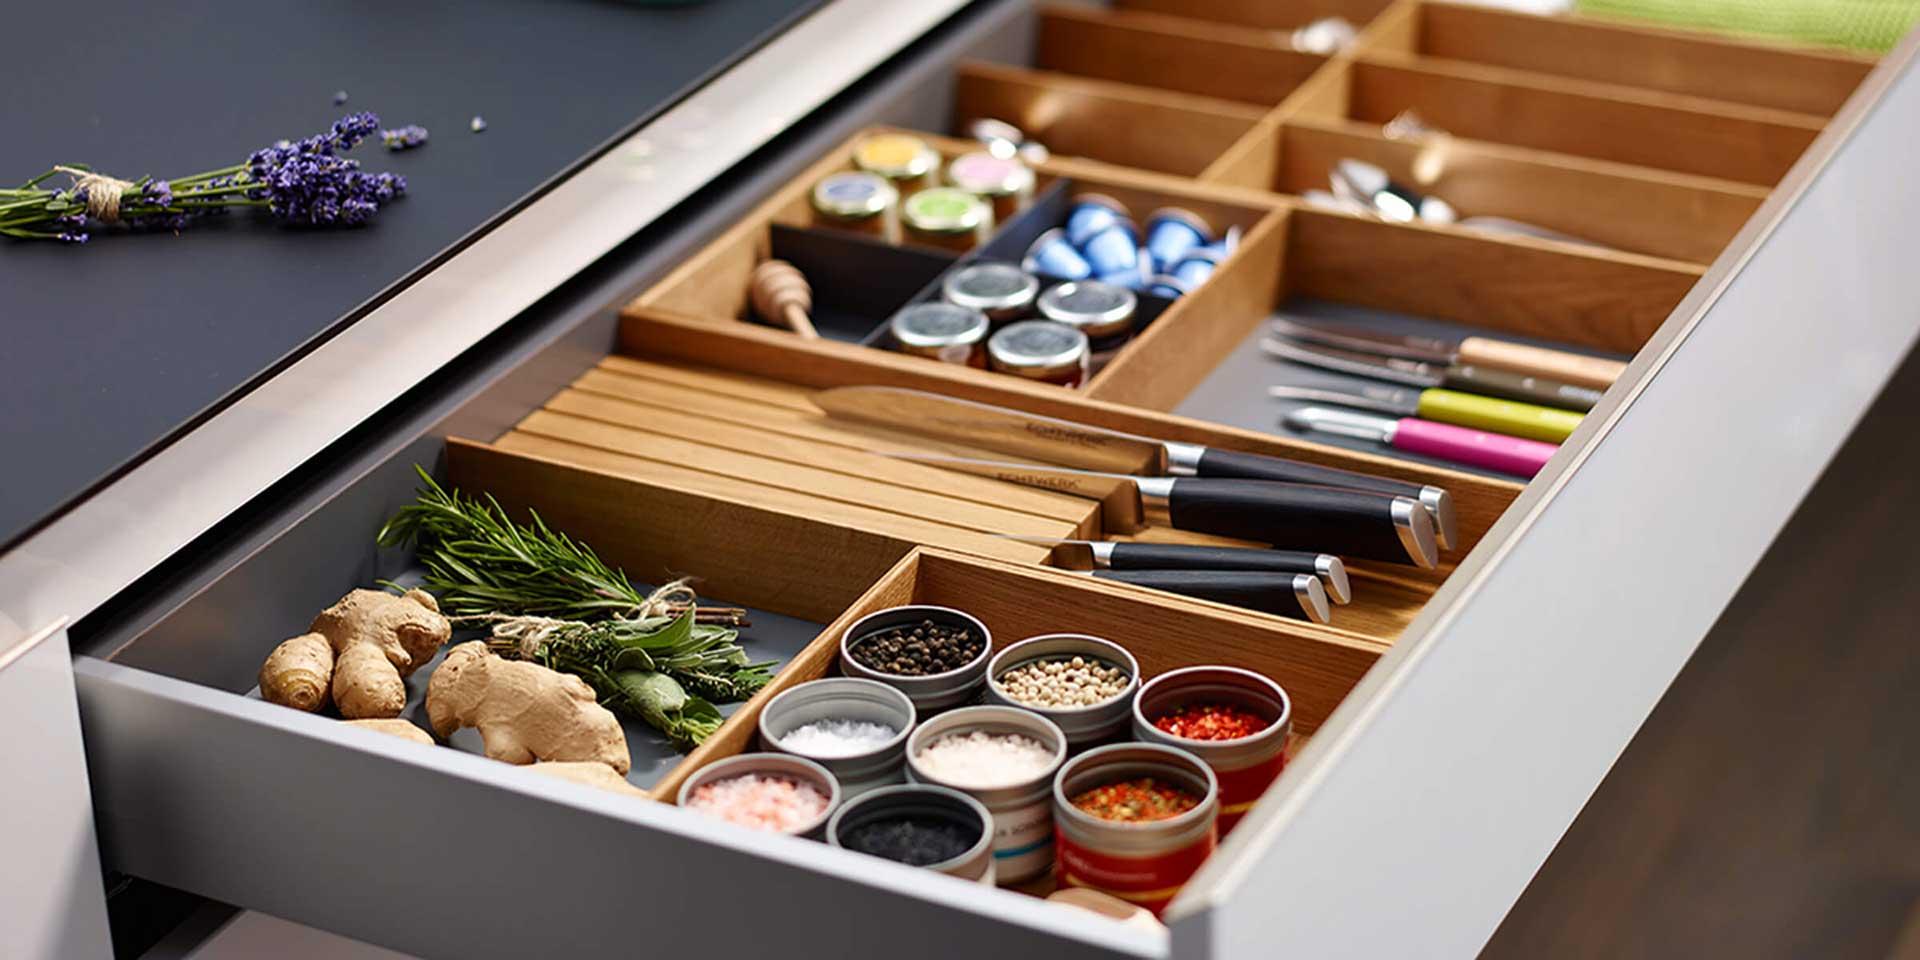 Schubladen-Ordnungssystem